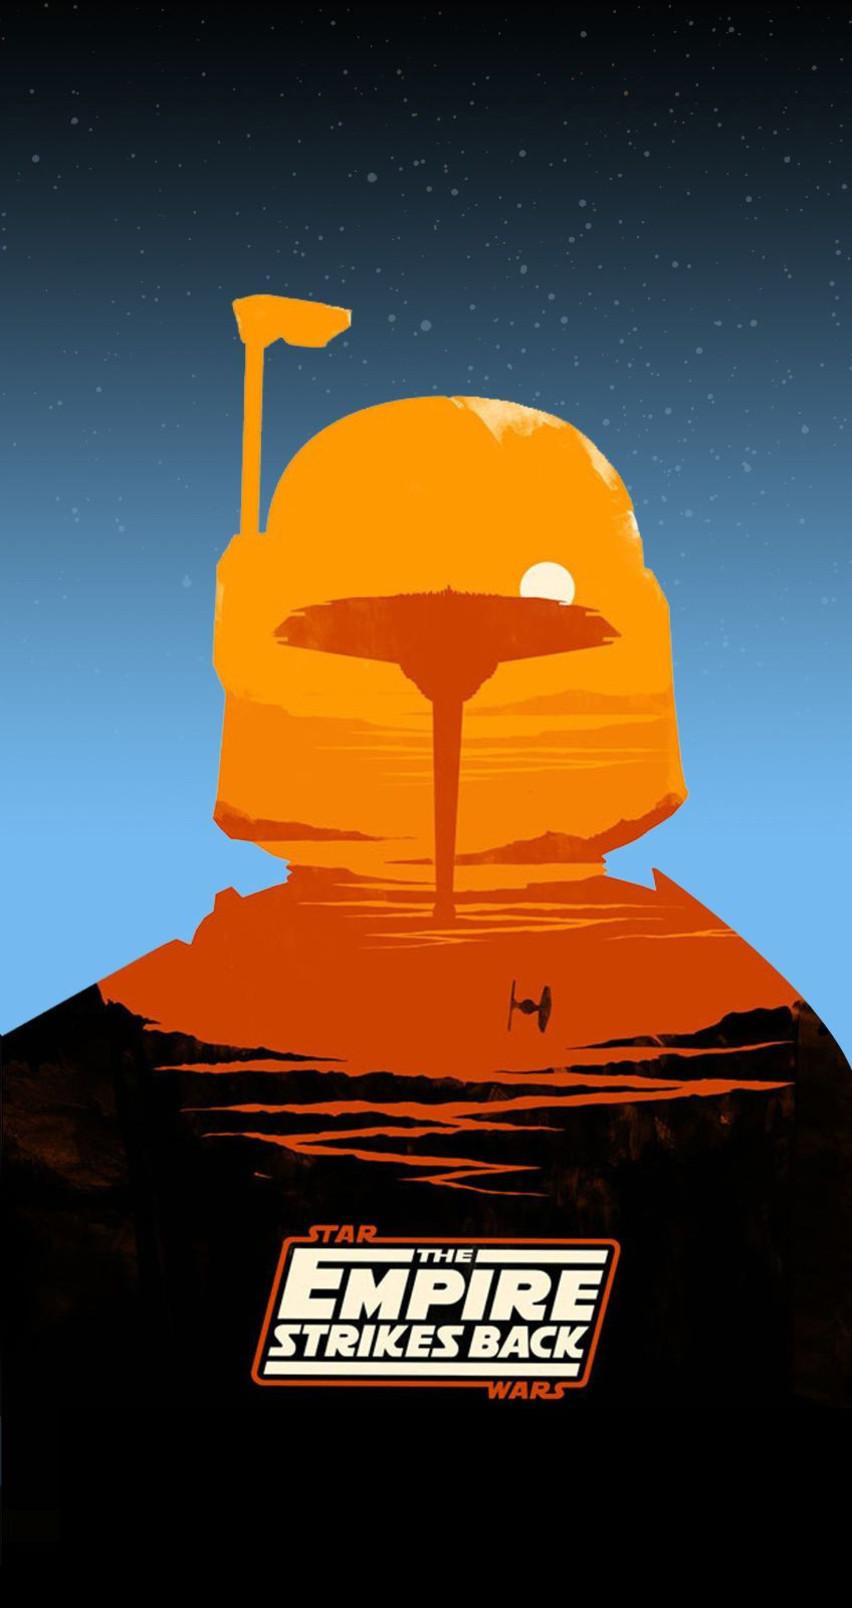 Star Wars Iphone Wallpaper Hd Star Wars 852x1608 Wallpaper Teahub Io